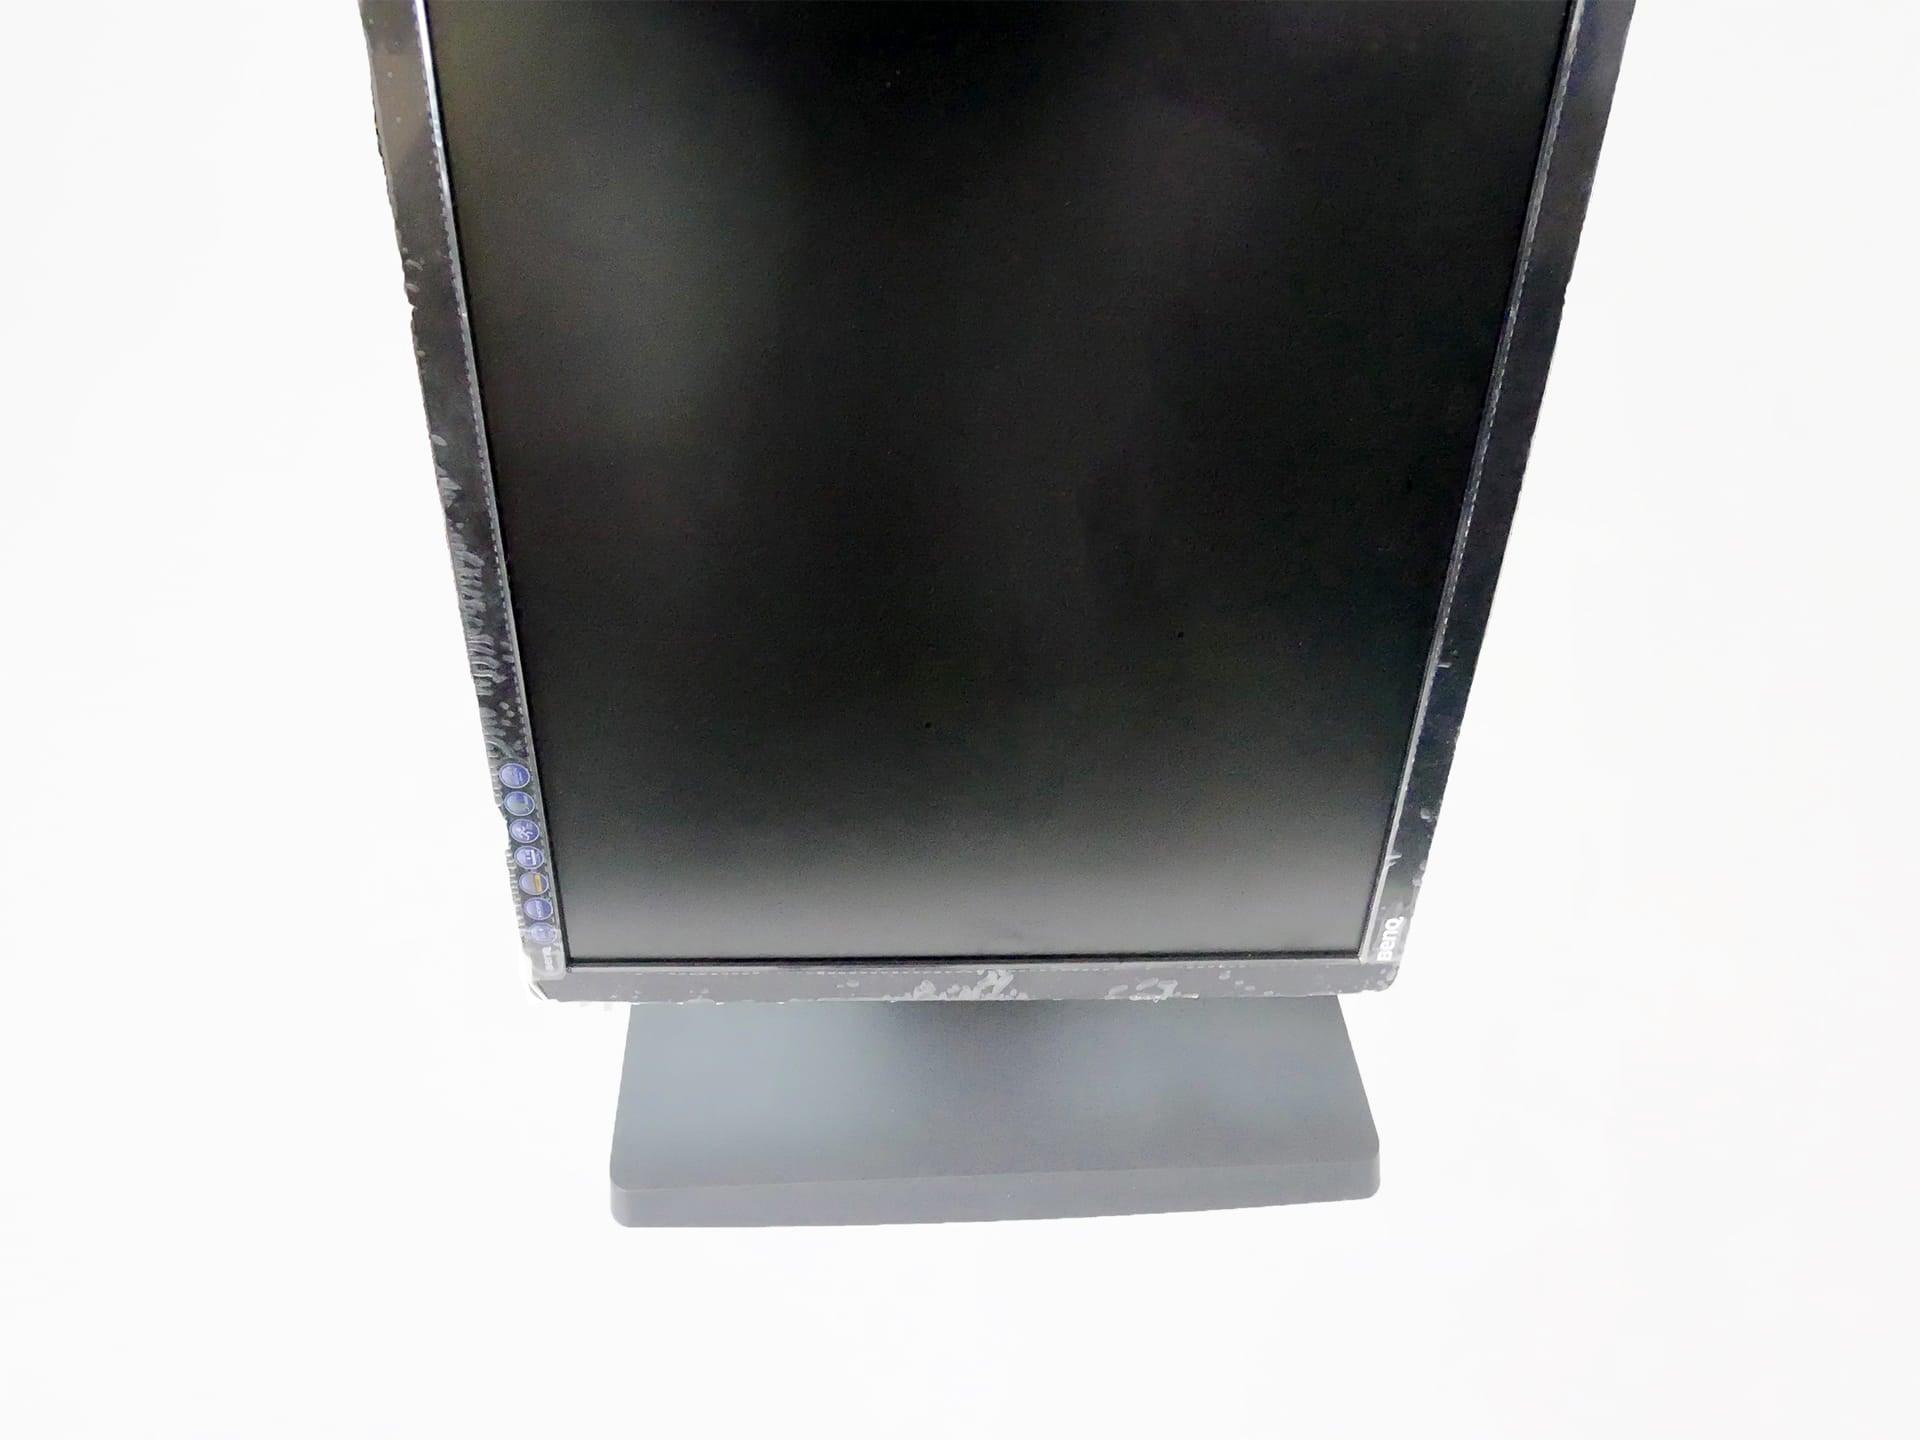 Amazonベーシック LCDモニタースタンドで縦にモニタを回転させた状態